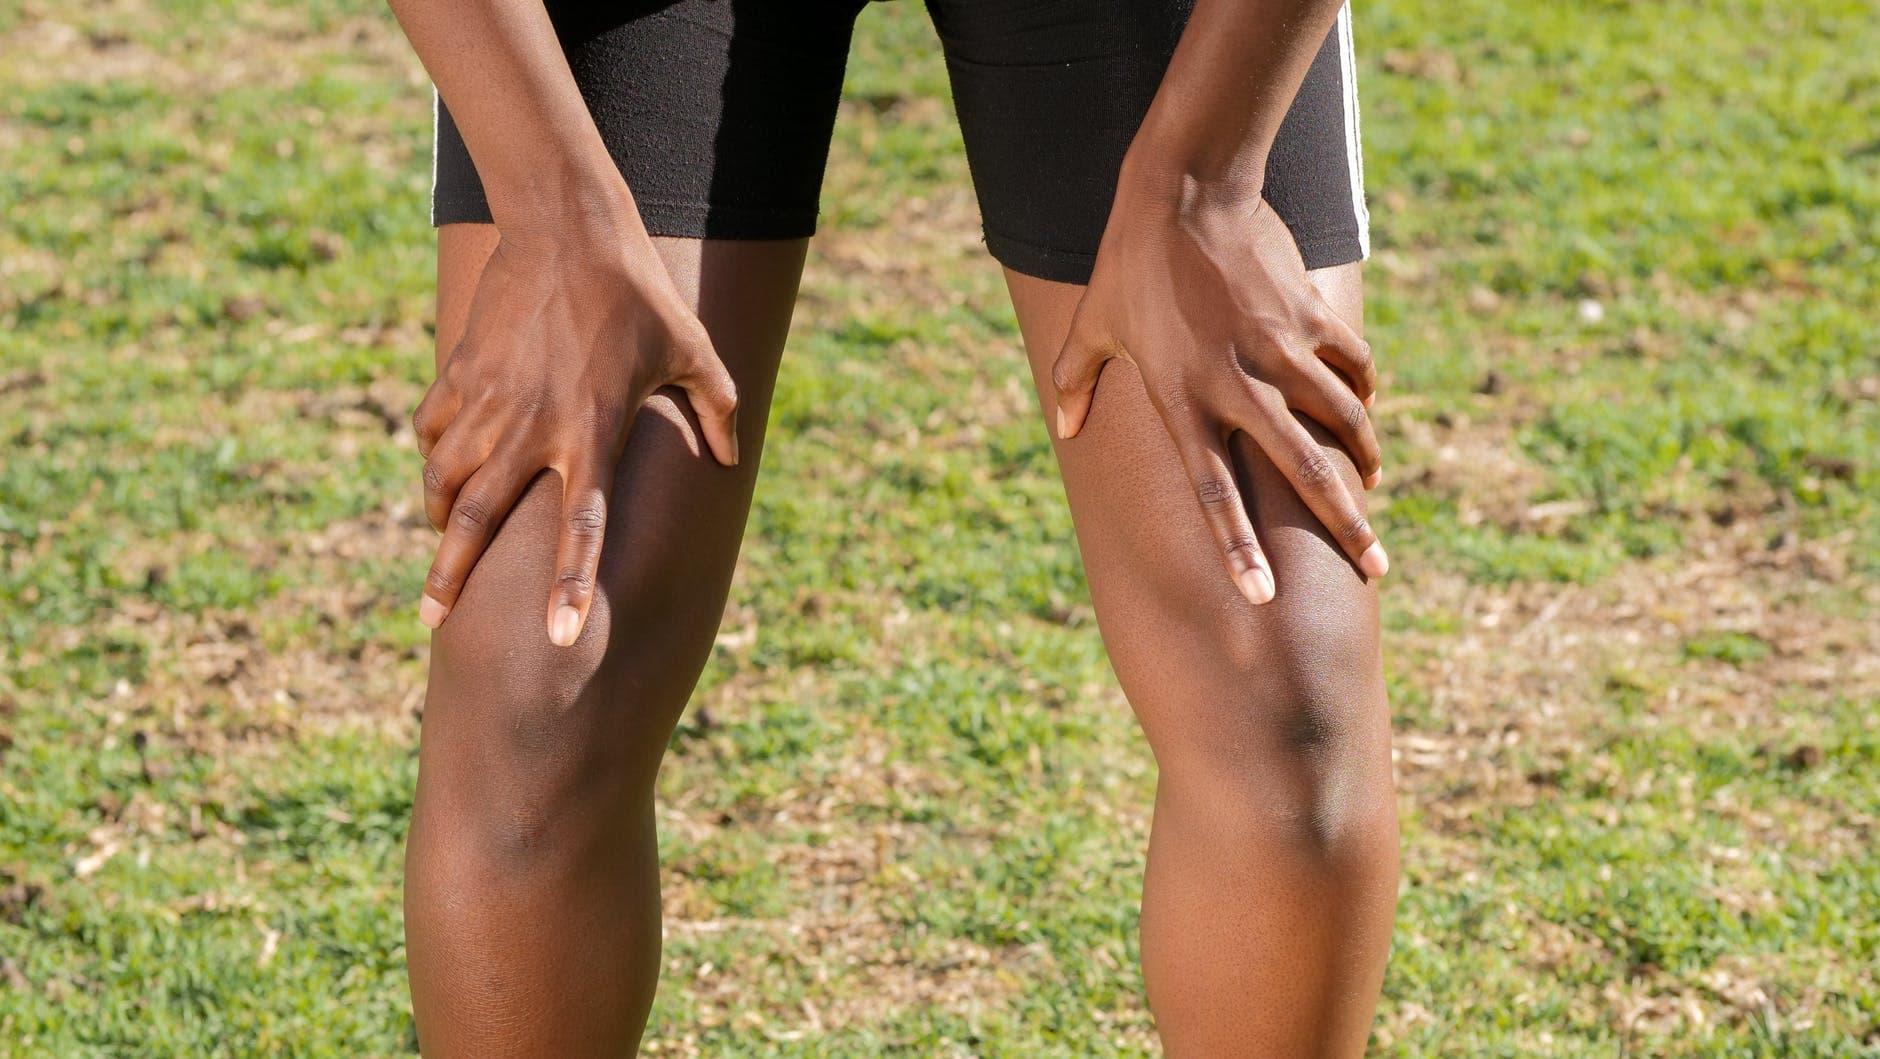 Ellipticals Good Or Bad For Knees